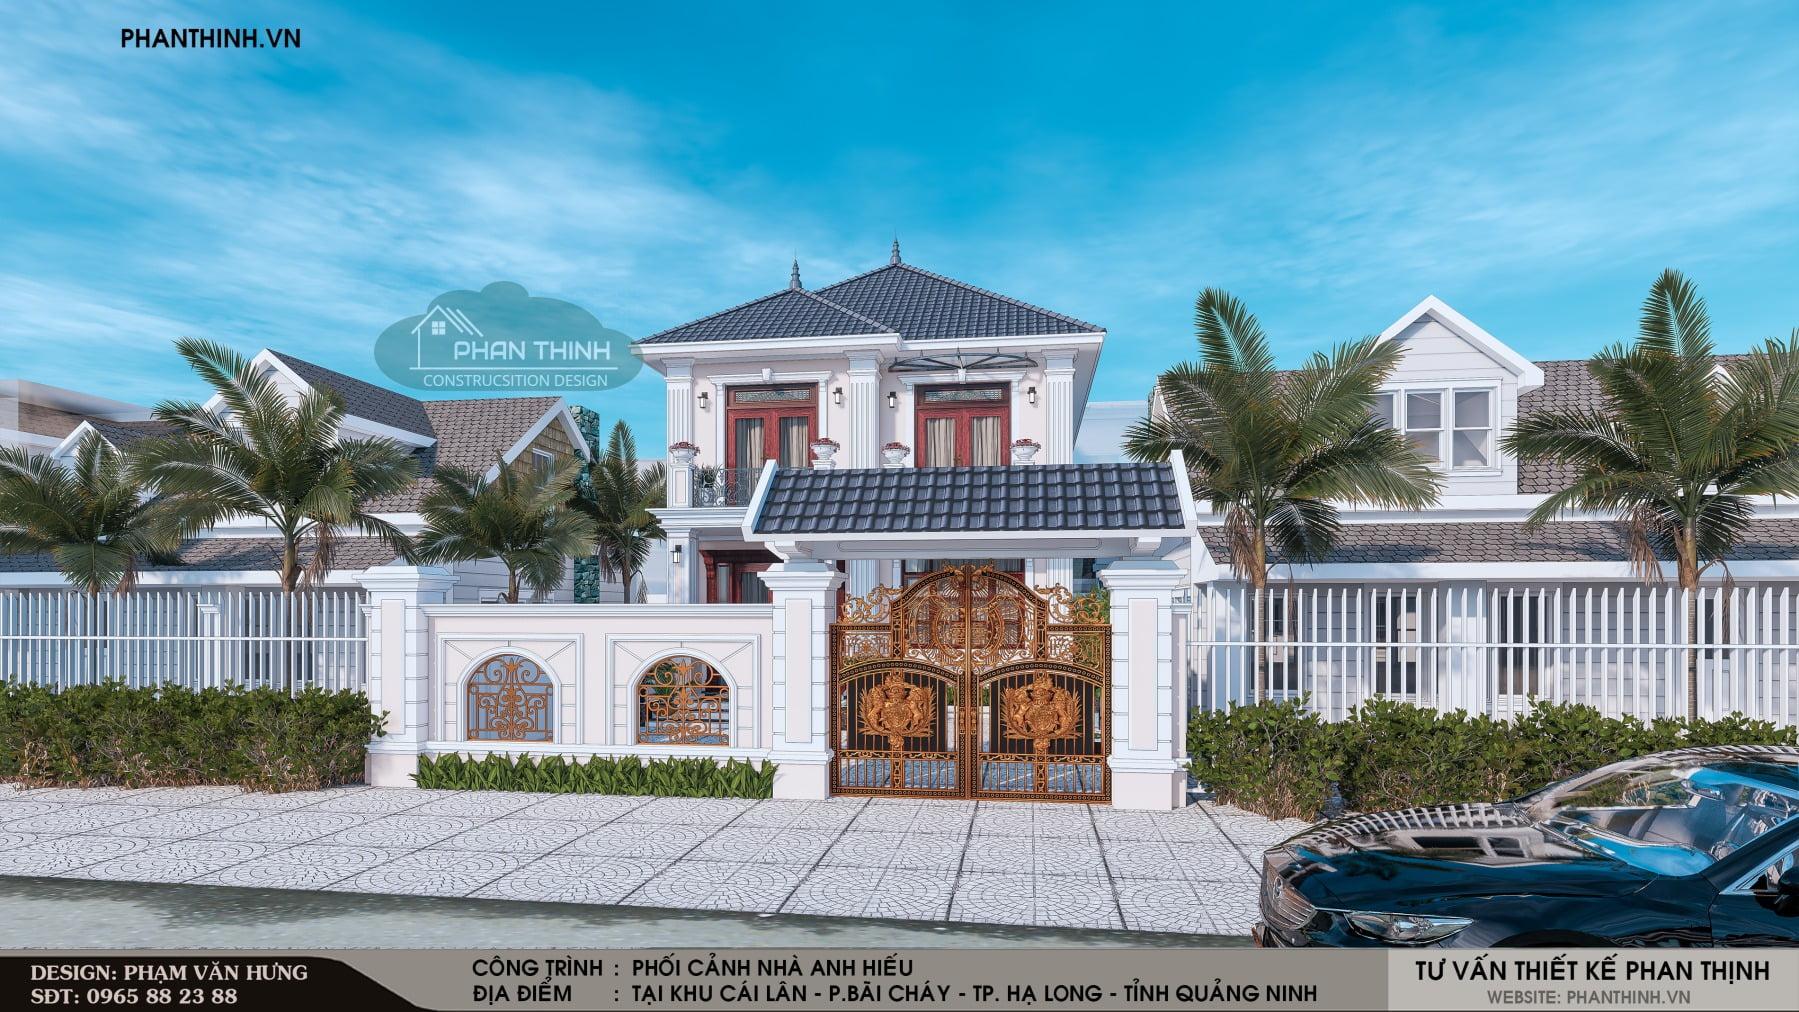 Thiết kế phối cảnh mặt tiền nhà 2 tầng tân cổ điển tại phường Bãi Cháy, tỉnh Quảng Ninh